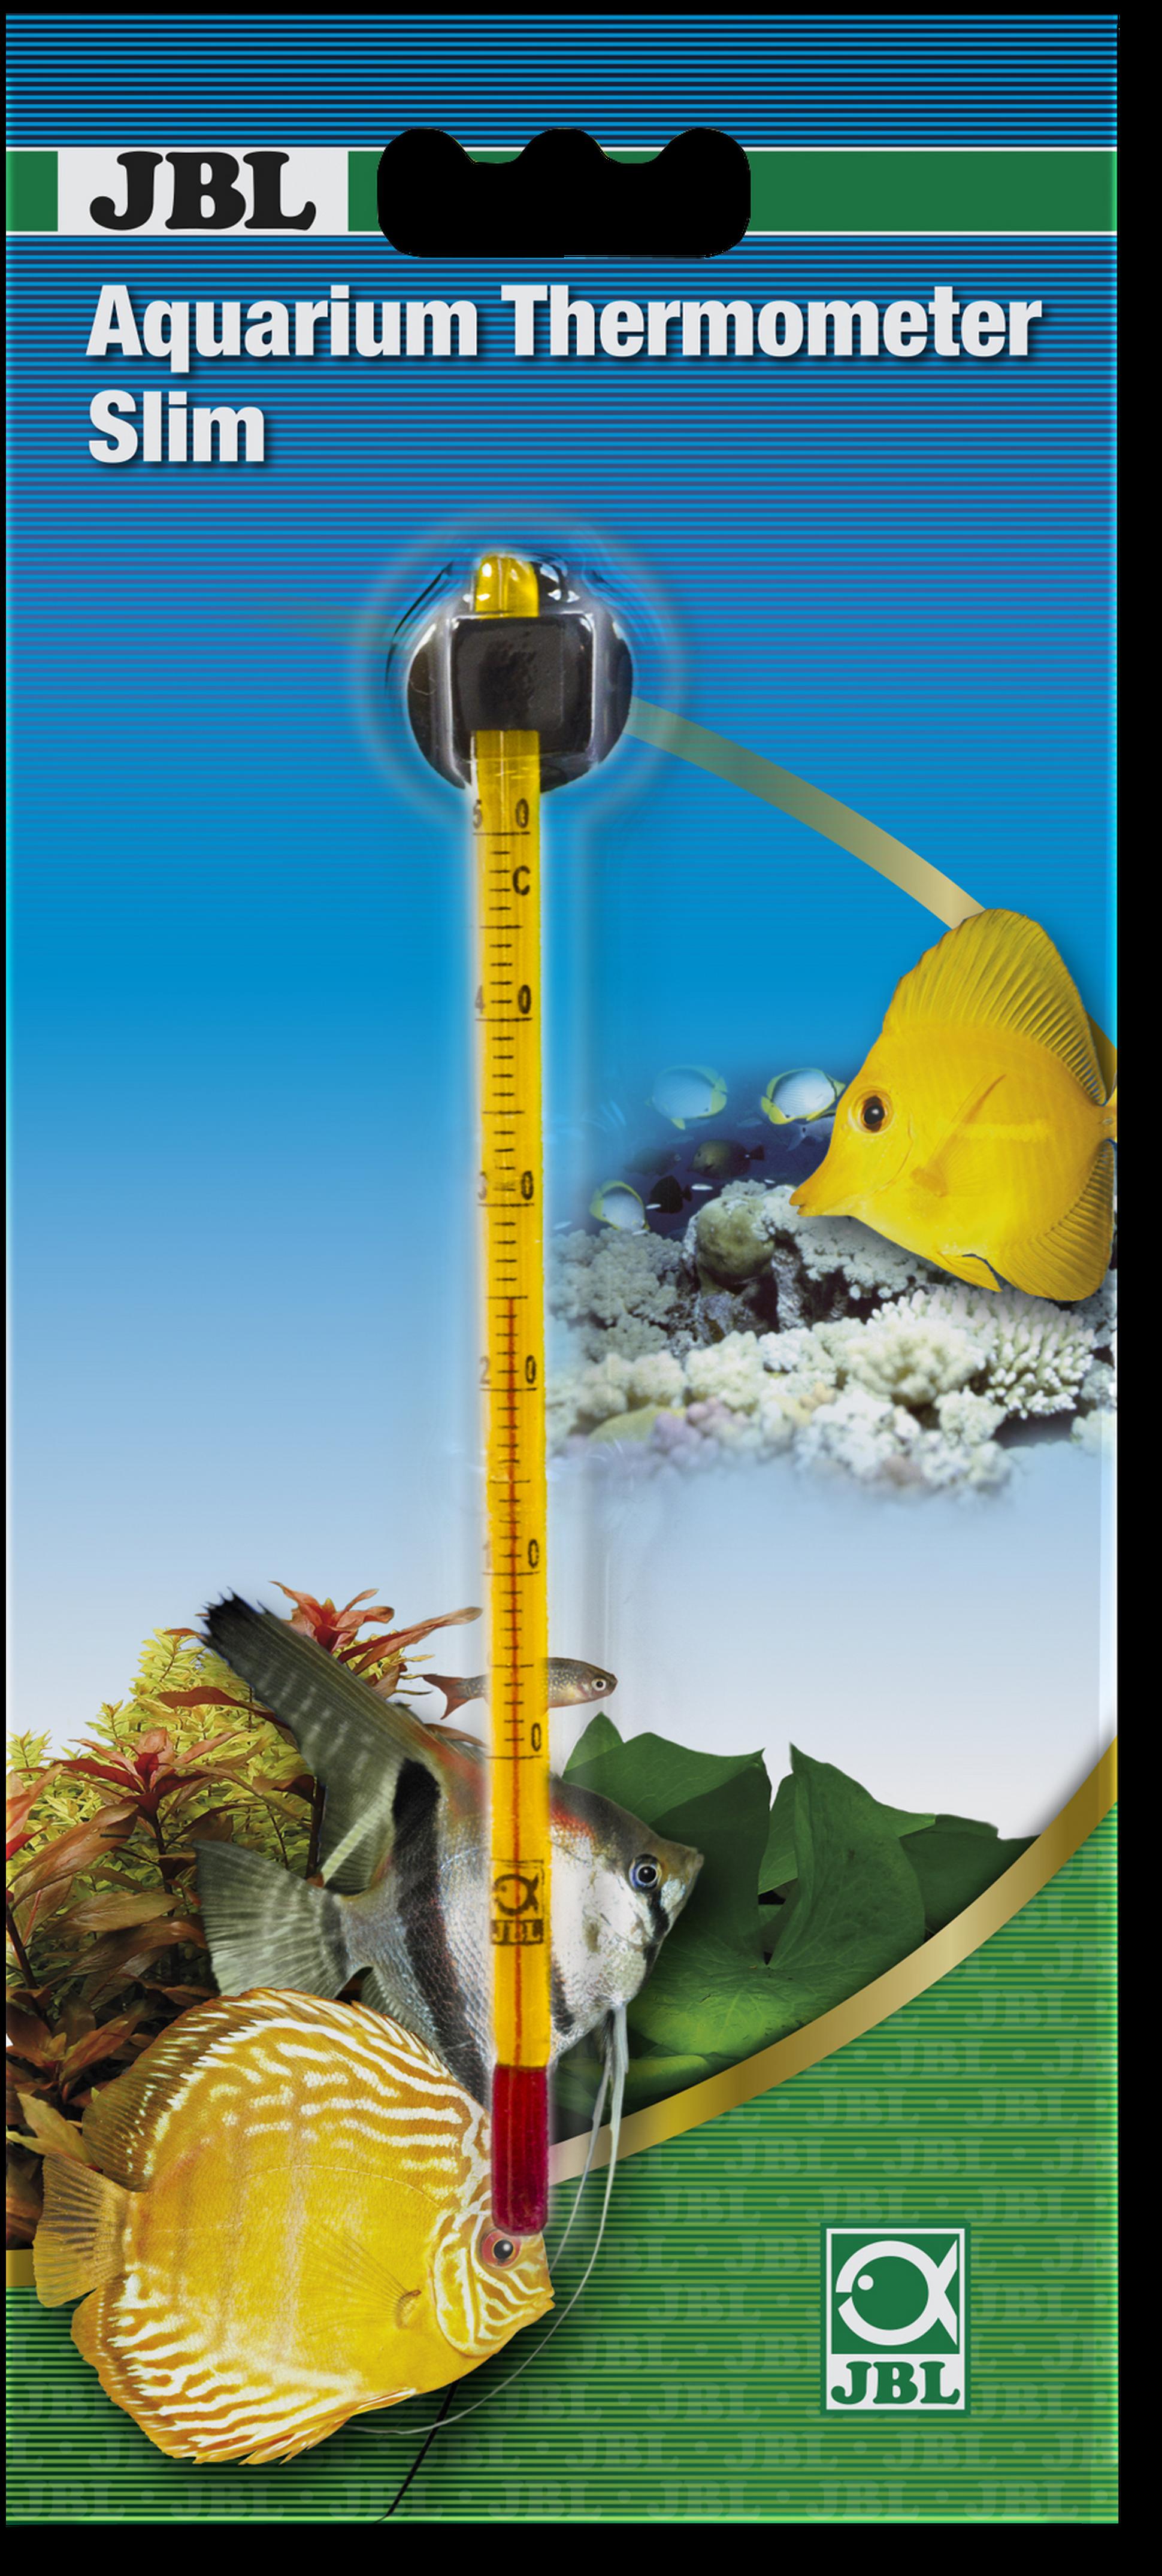 Termometro di precisione per acquario casamia idea di for Termometro per acquario tartarughe